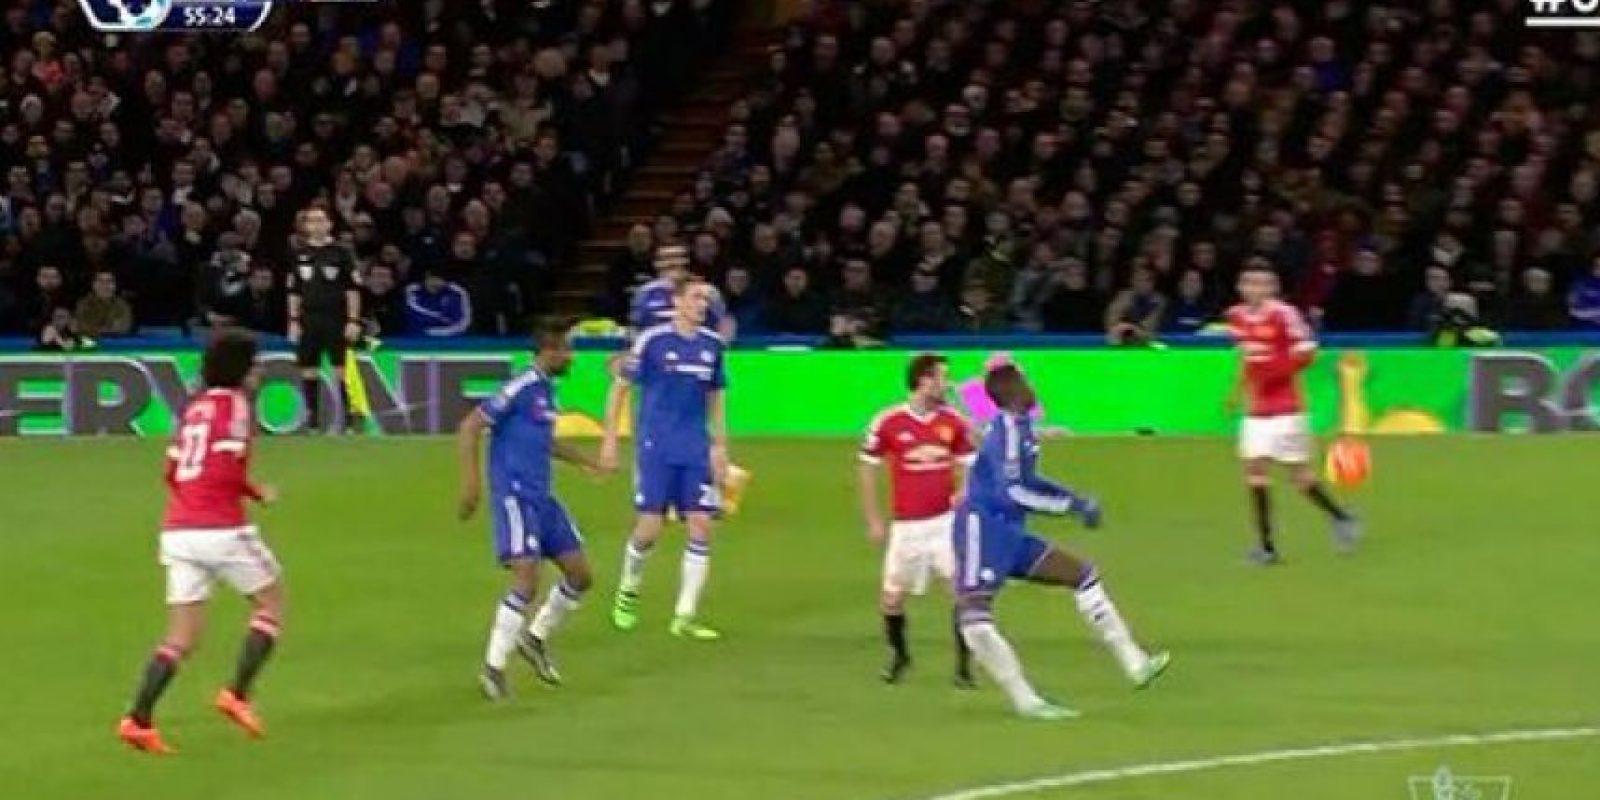 Esta escalofriante lesión en la Premier League conmocionó las redes sociales. Foto:Vía twitter.com